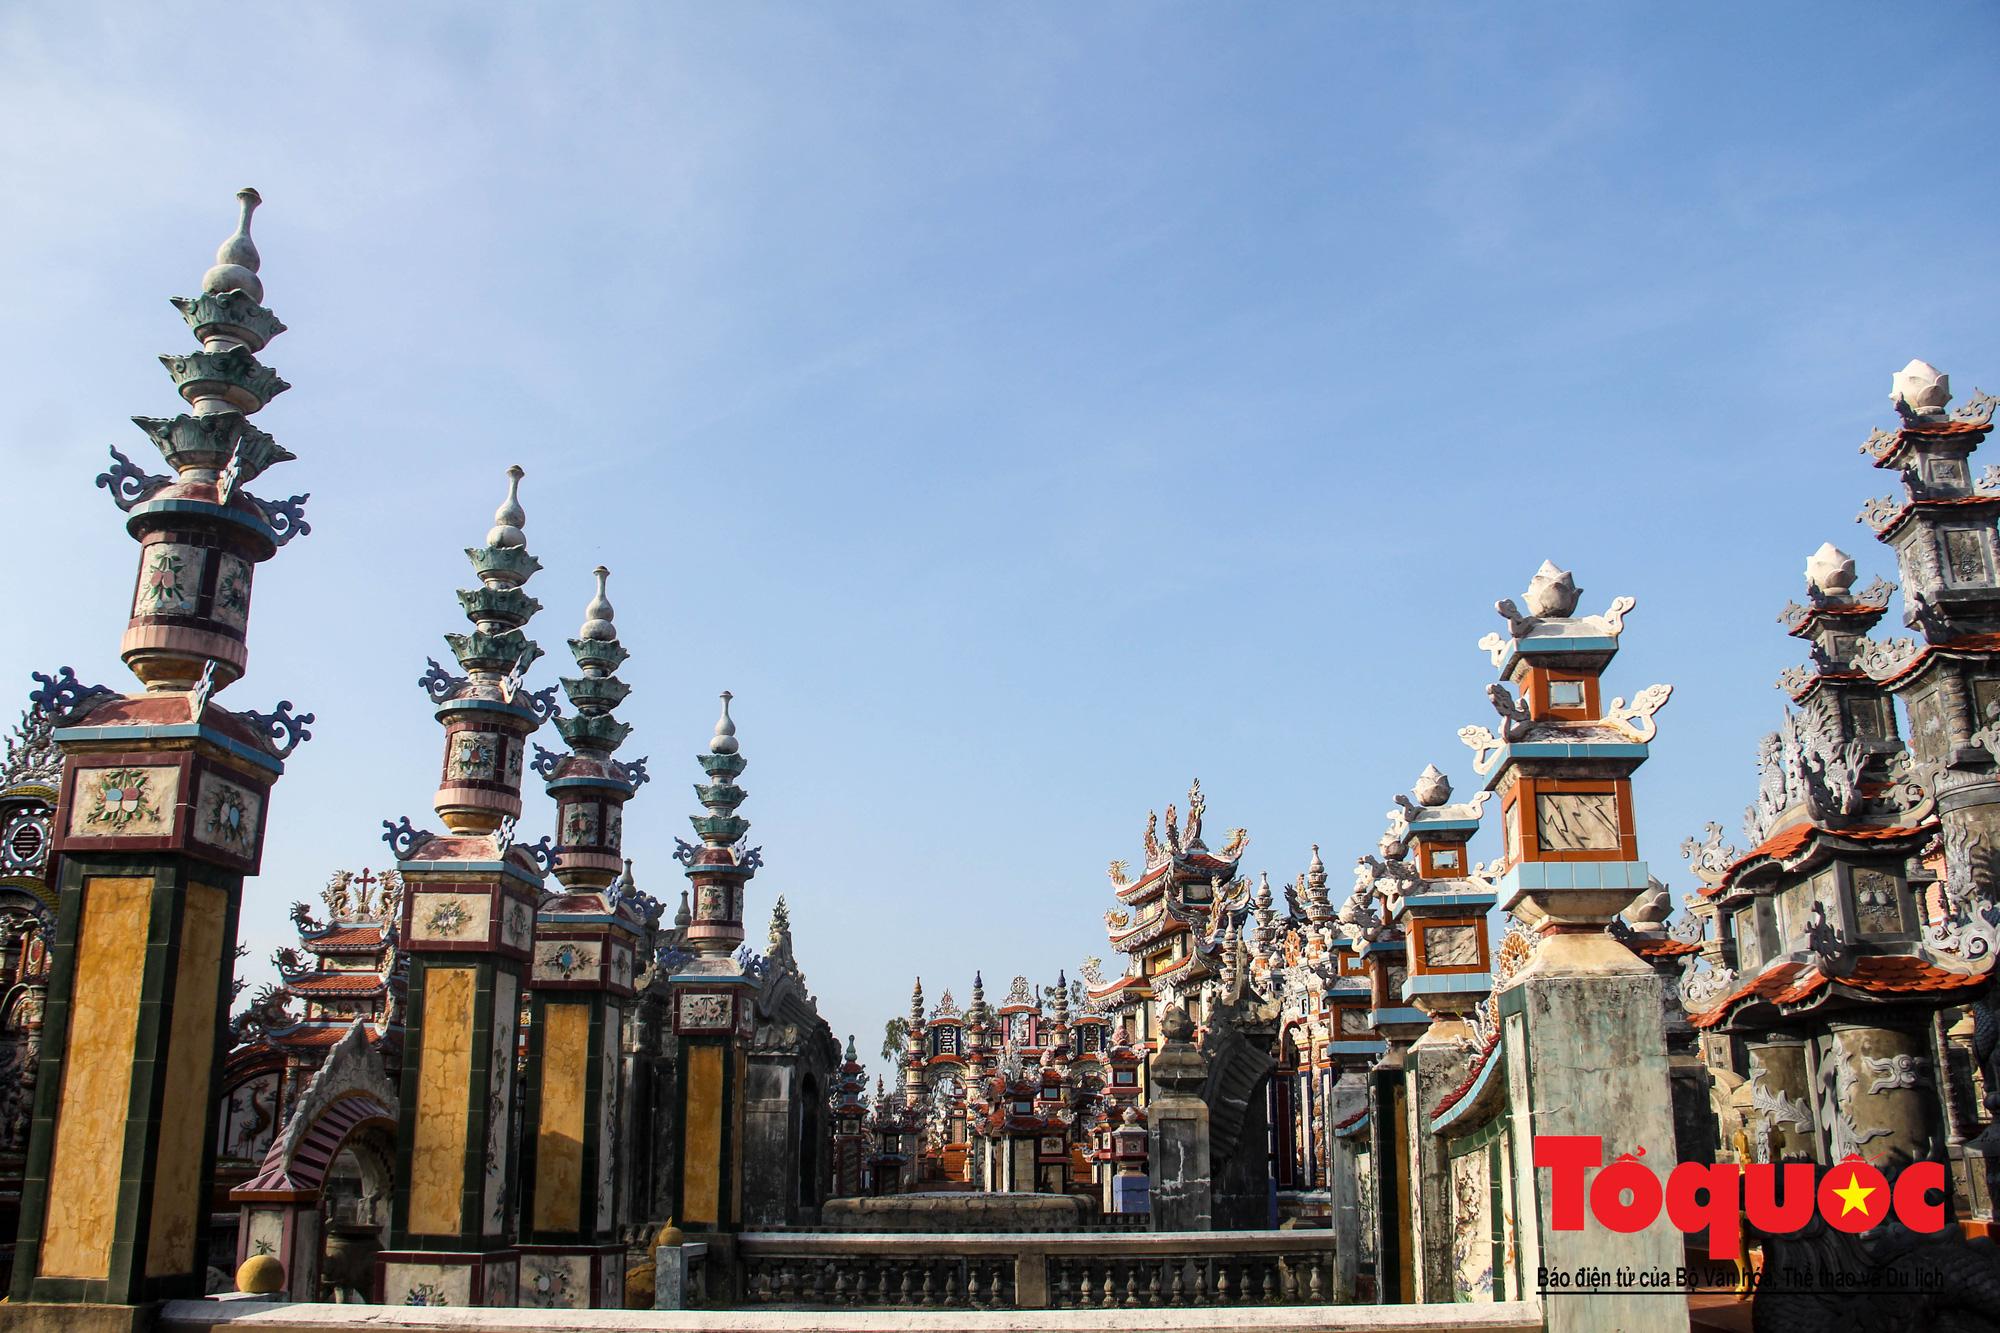 """Ngỡ ngàng với vẻ xa hoa, tráng lệ của """"thành phố lăng mộ"""" nghìn tỷ bậc nhất Việt Nam - Ảnh 2."""